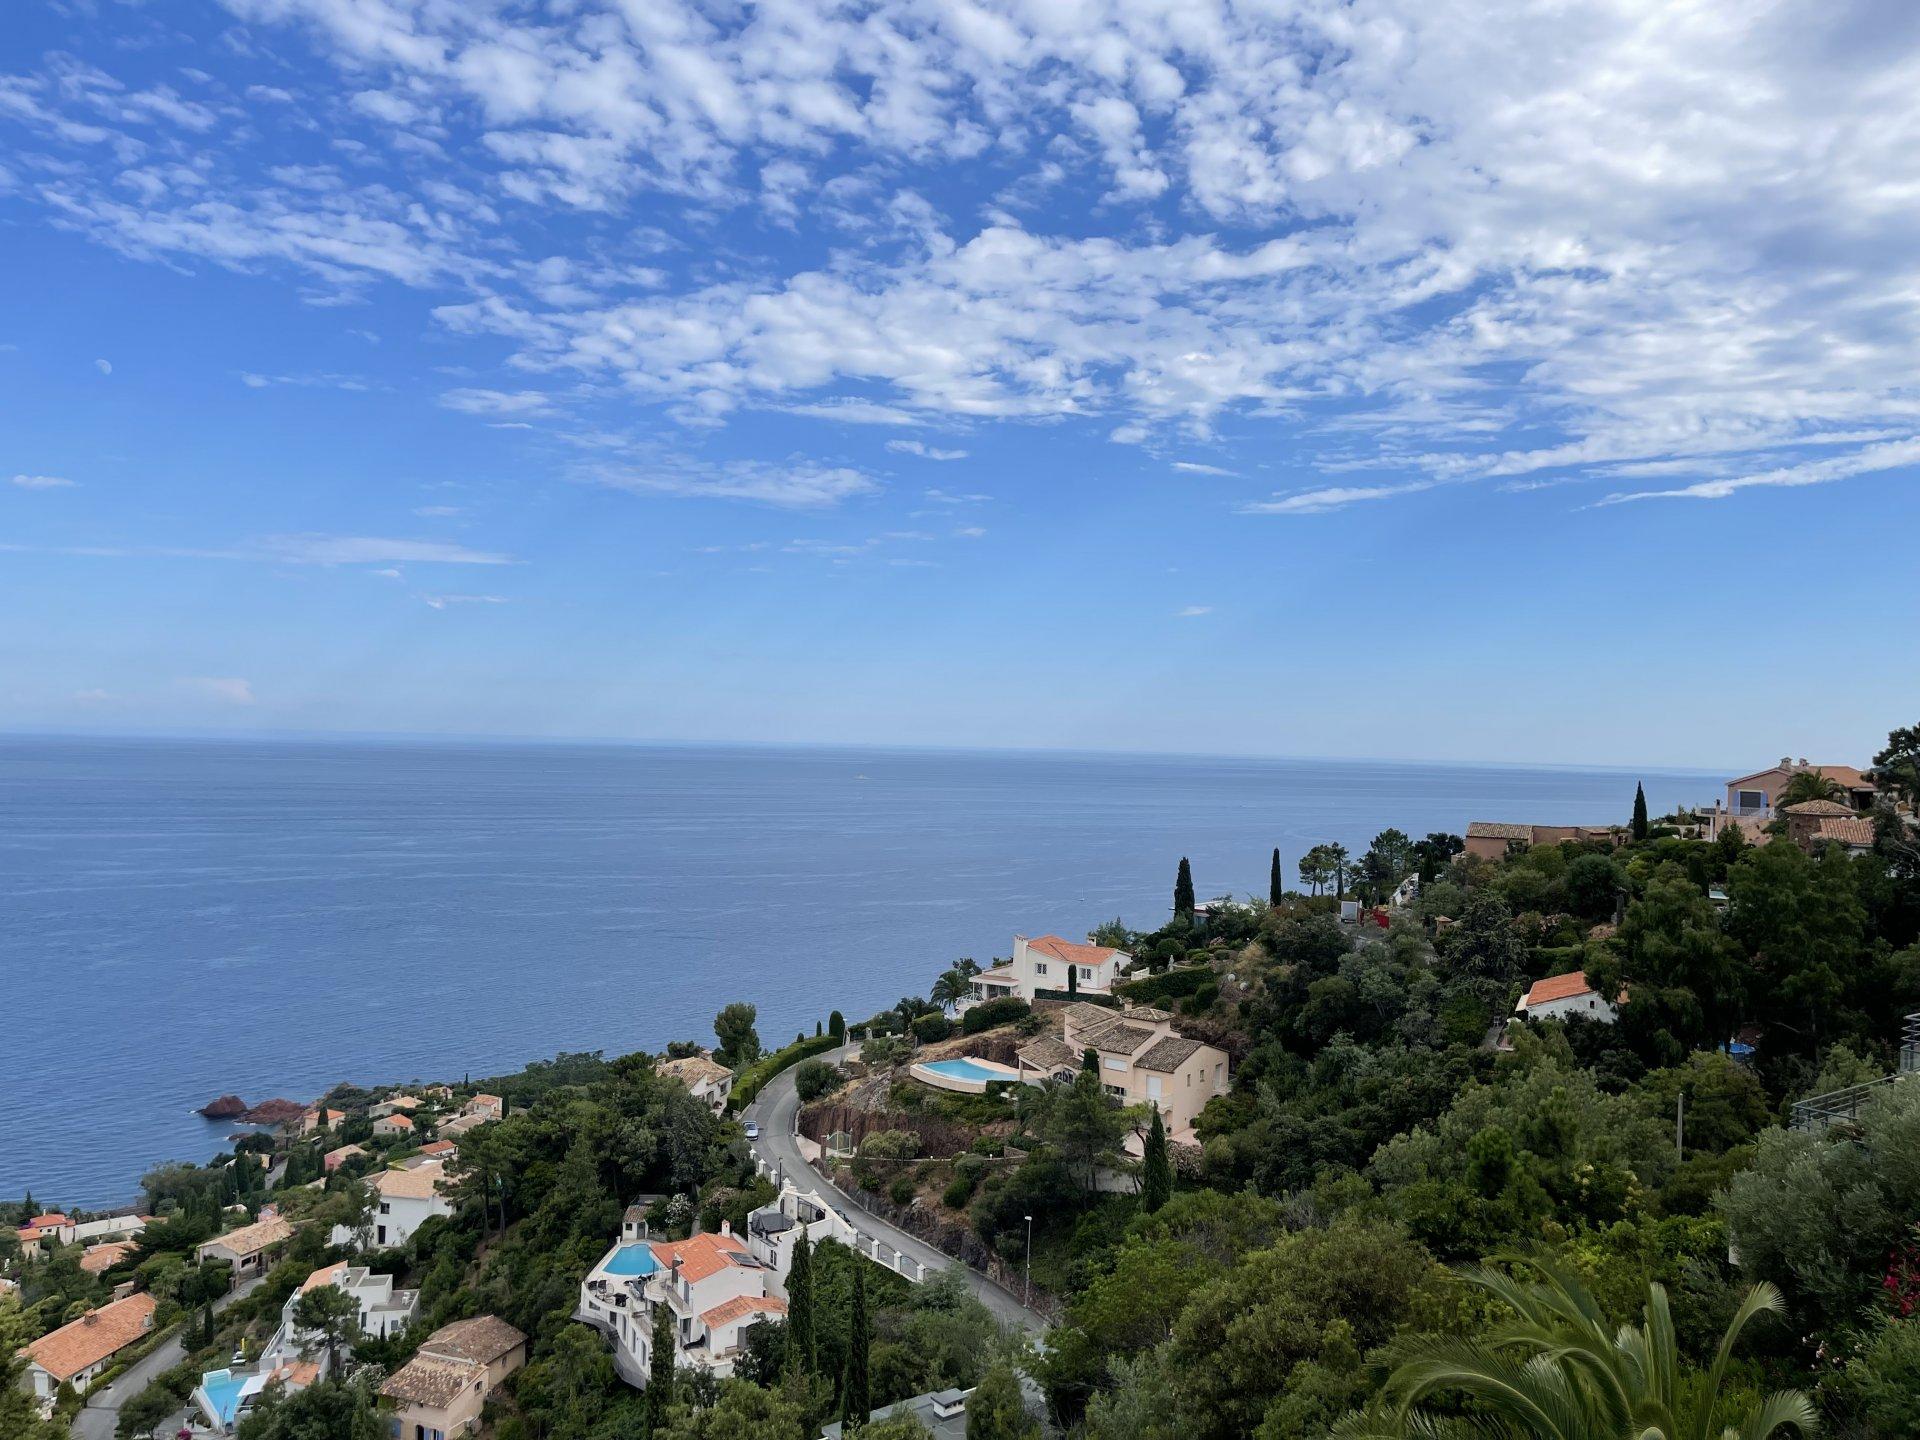 Villa mod syd med 180 ° panoramaudsigt over havet